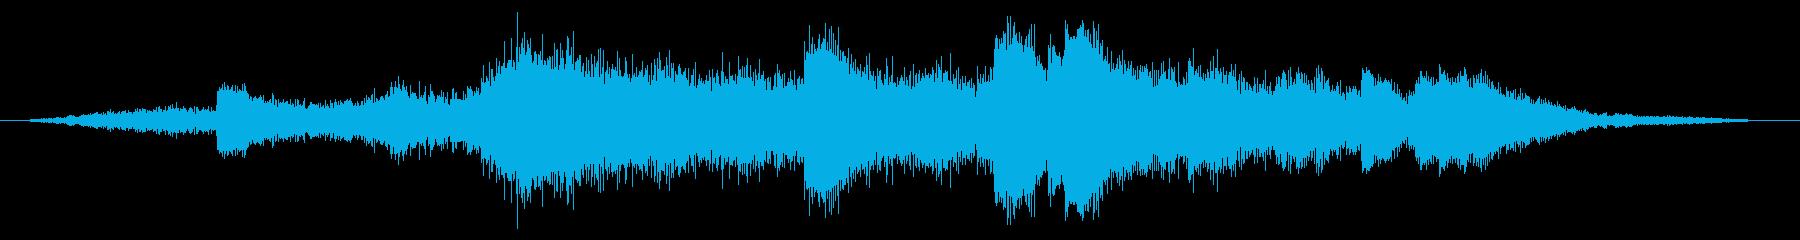 音ロゴ★水・波紋・光・幻惑★天気の子ぽいの再生済みの波形